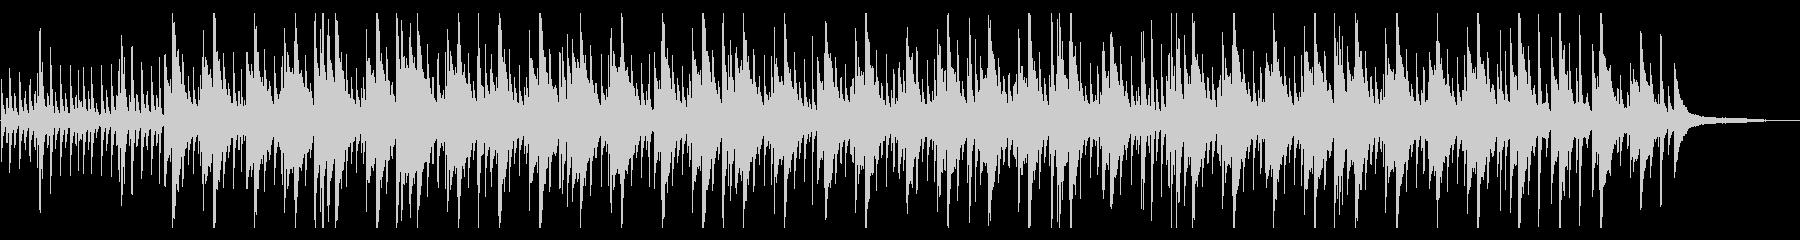 ピアノソロおしゃれジャズ和音の未再生の波形